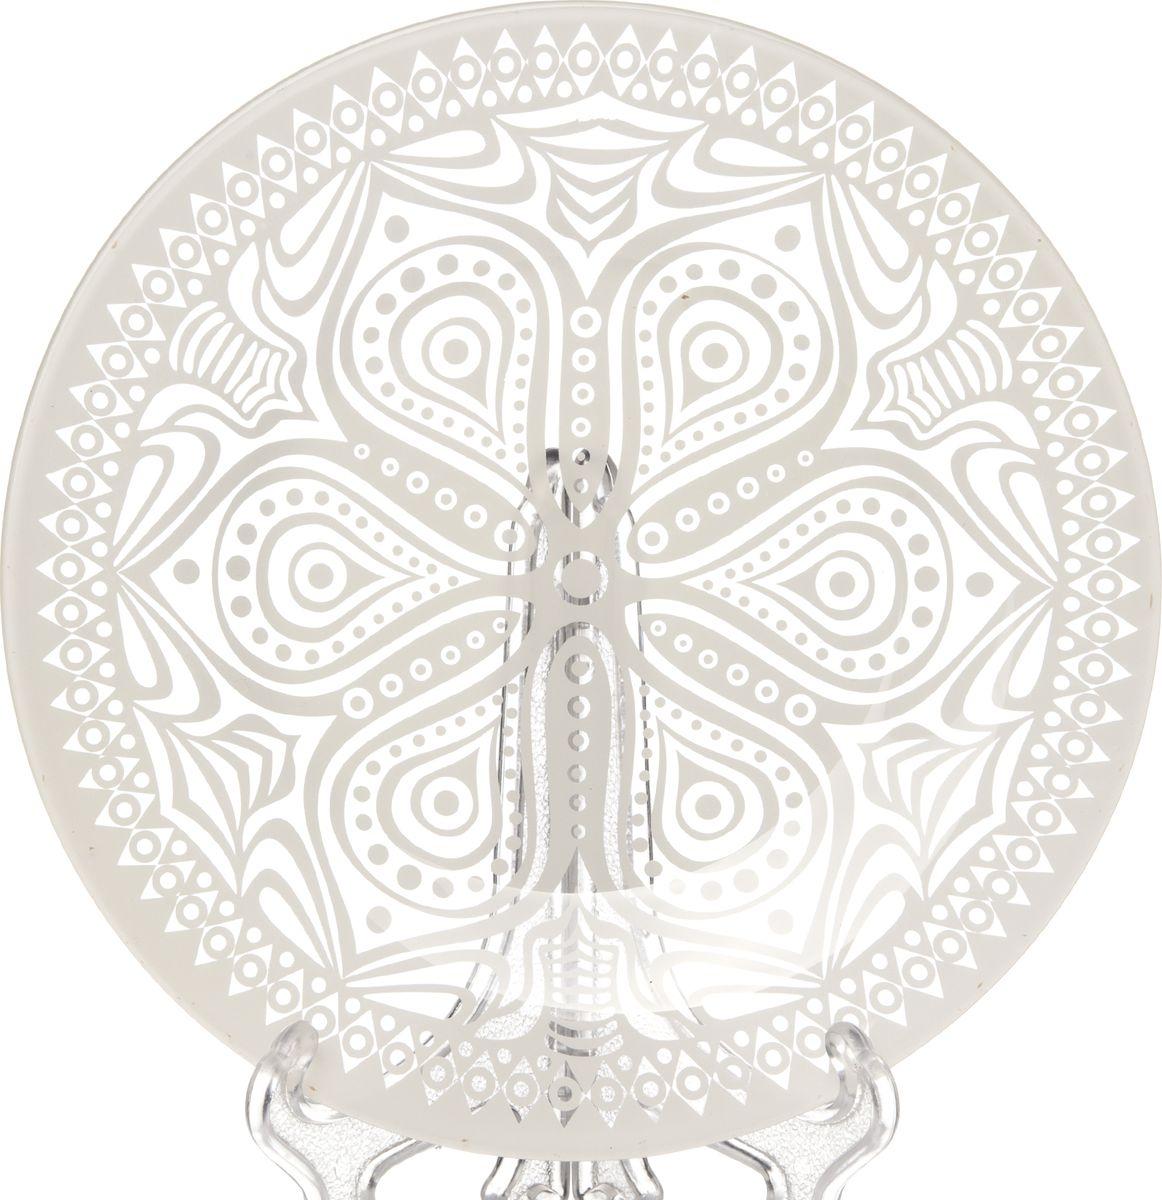 Тарелка Pasabahce БОХО, цвет: бежевый, 19,5 см. 2876910327SLBD44Тарелка из упрочненного стекла с бежевым узором d=195 мм